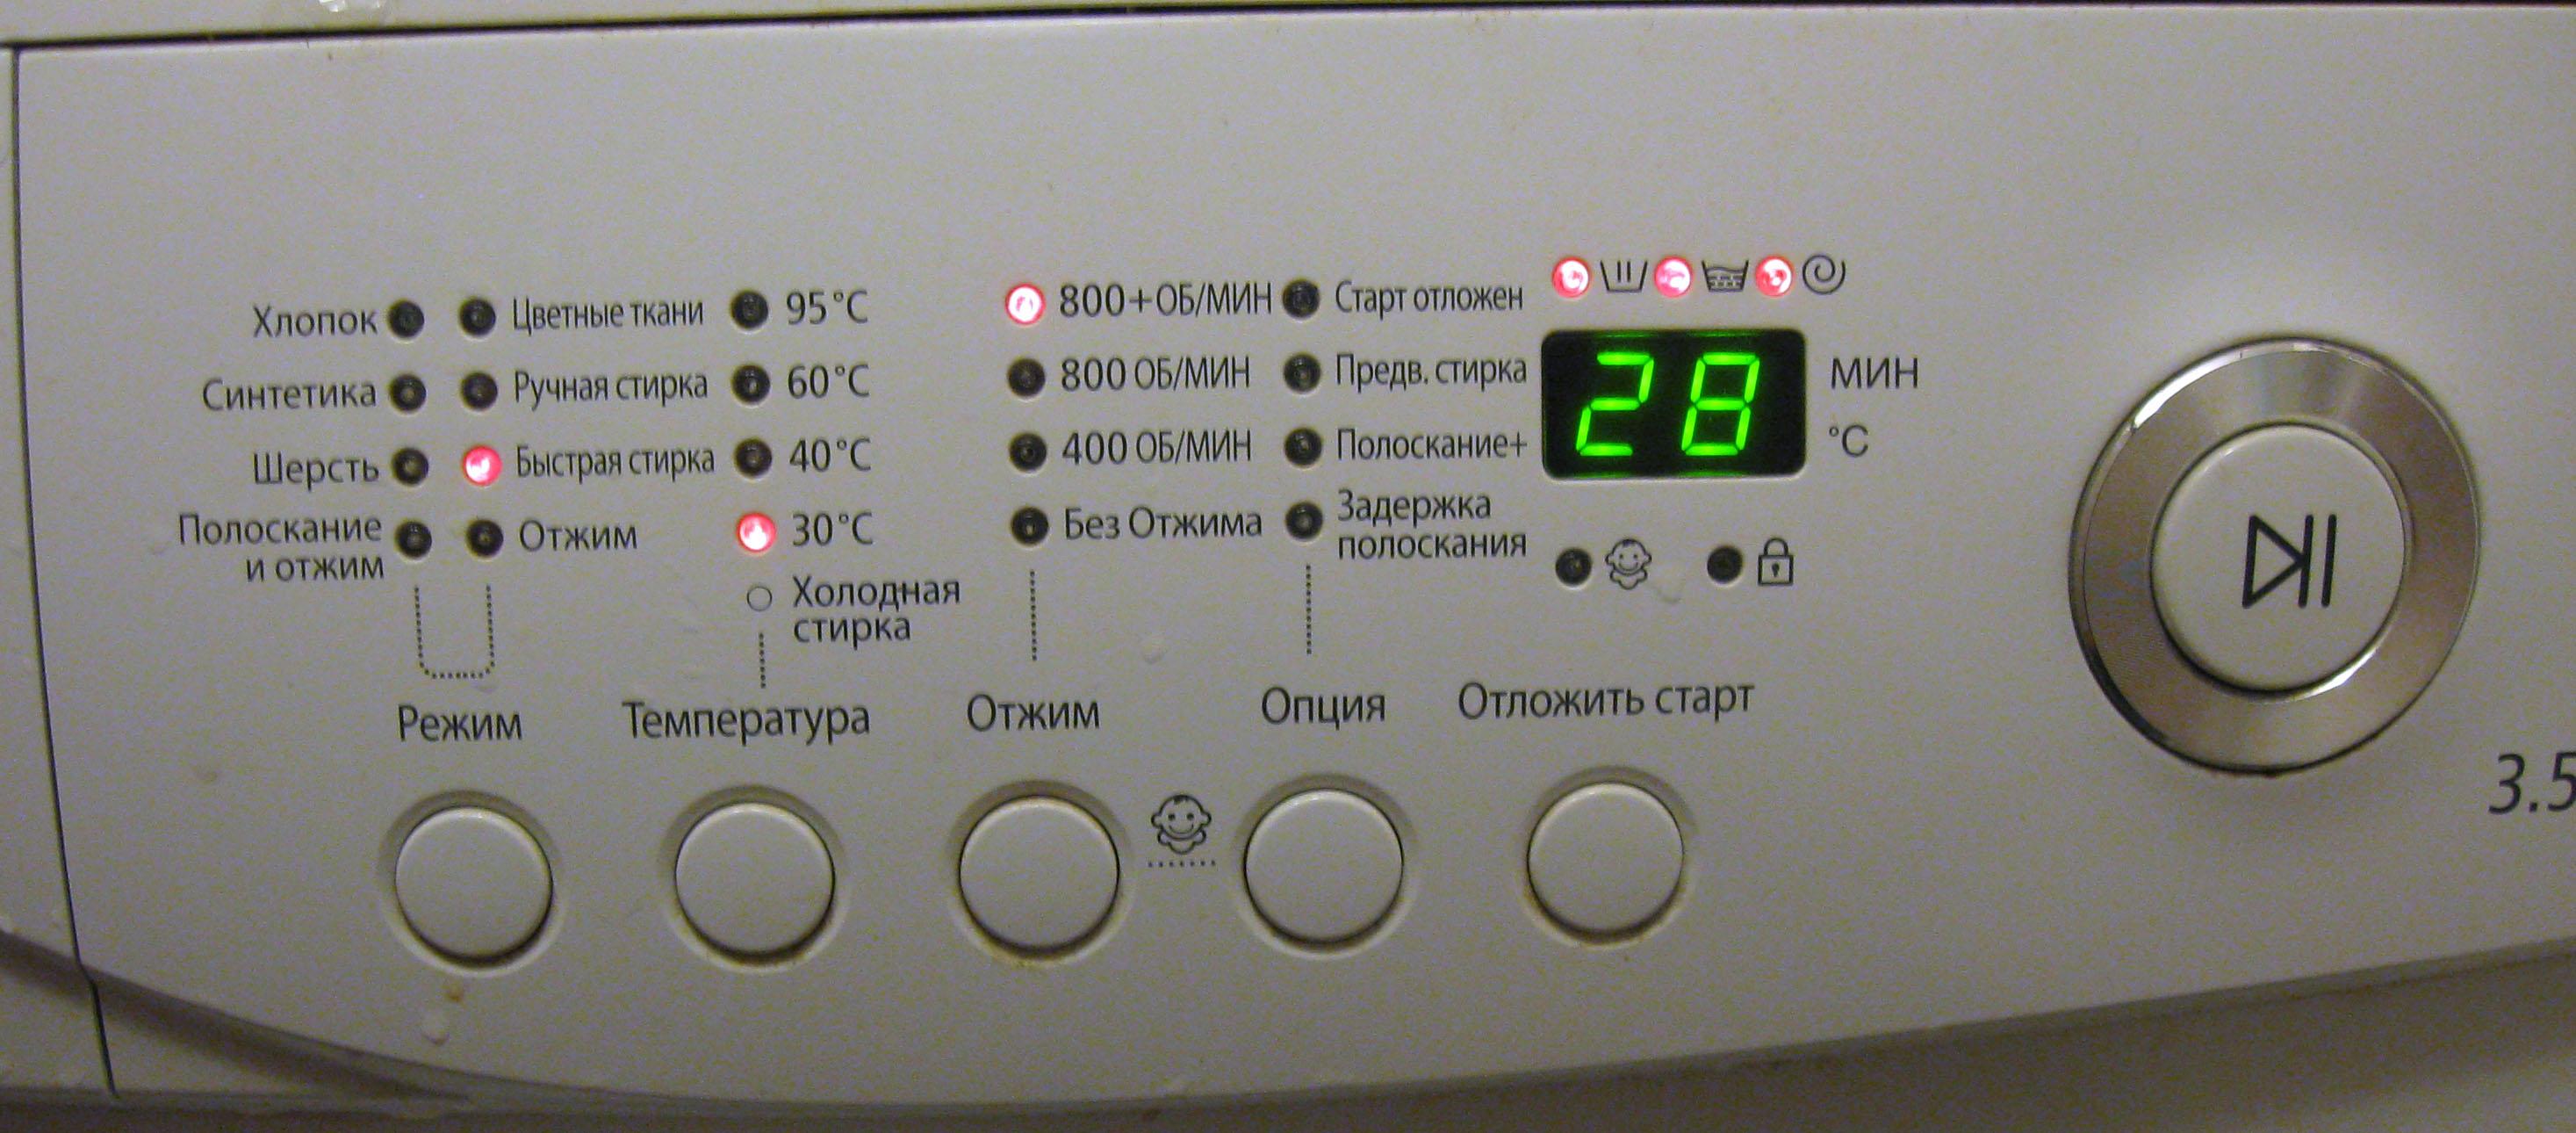 неисправнсти и ремонт стиральных машин